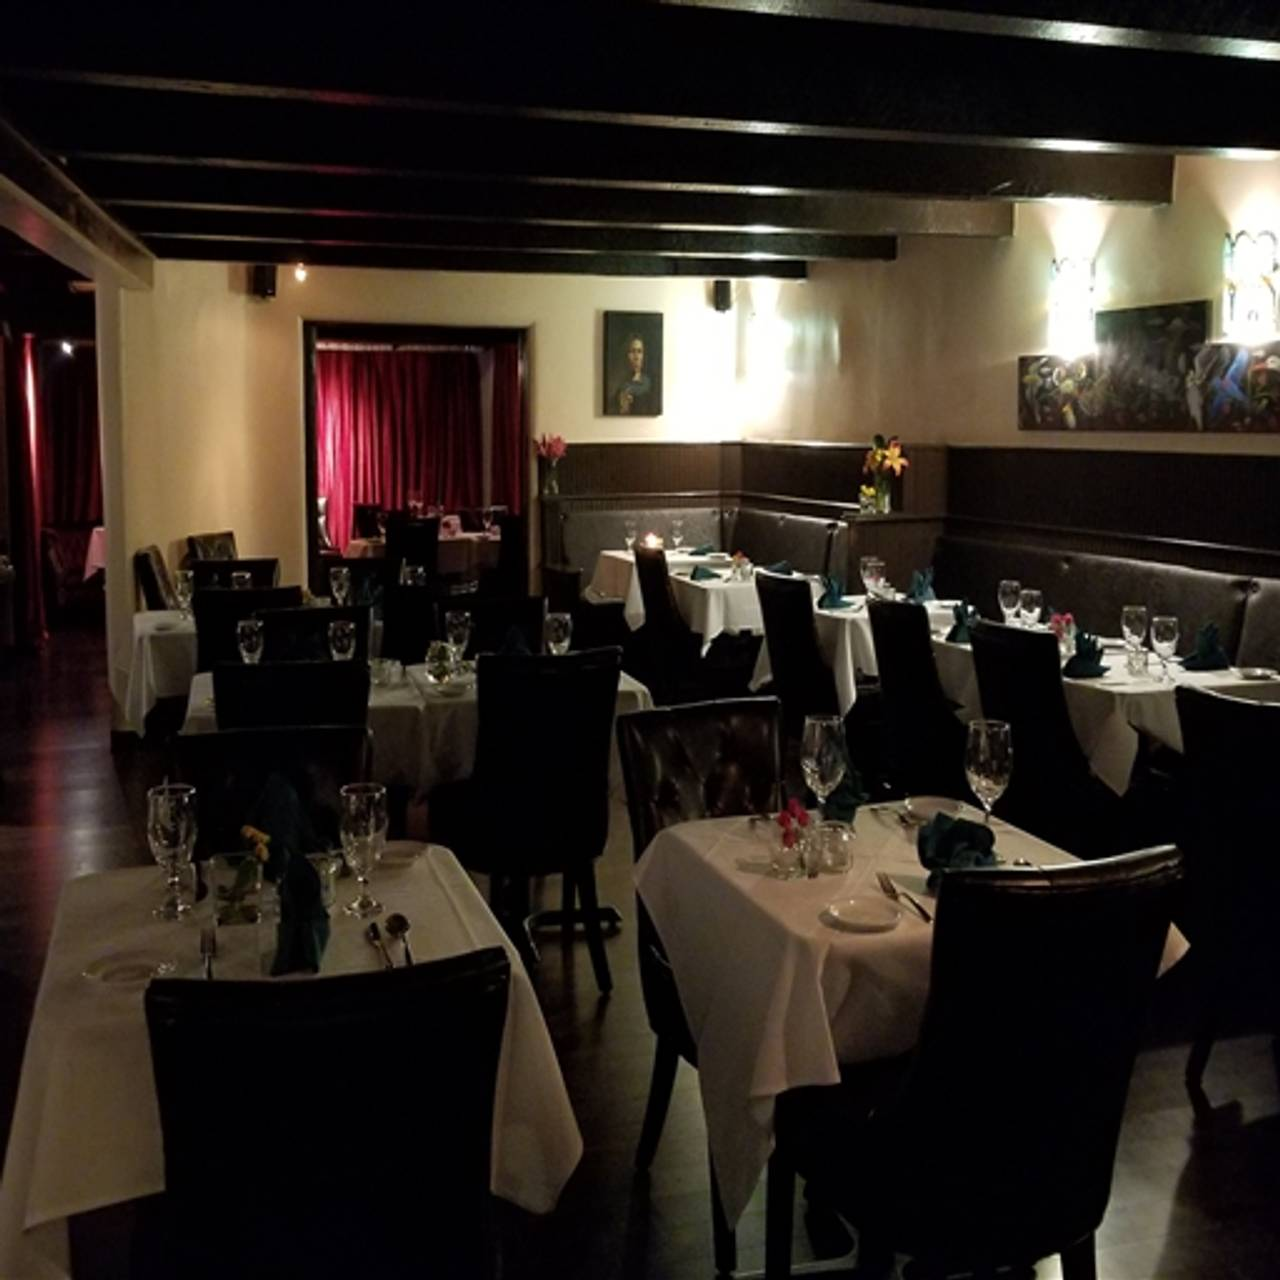 Dinner For Two Restaurant Santa Fe NM OpenTable - Table for two restaurant